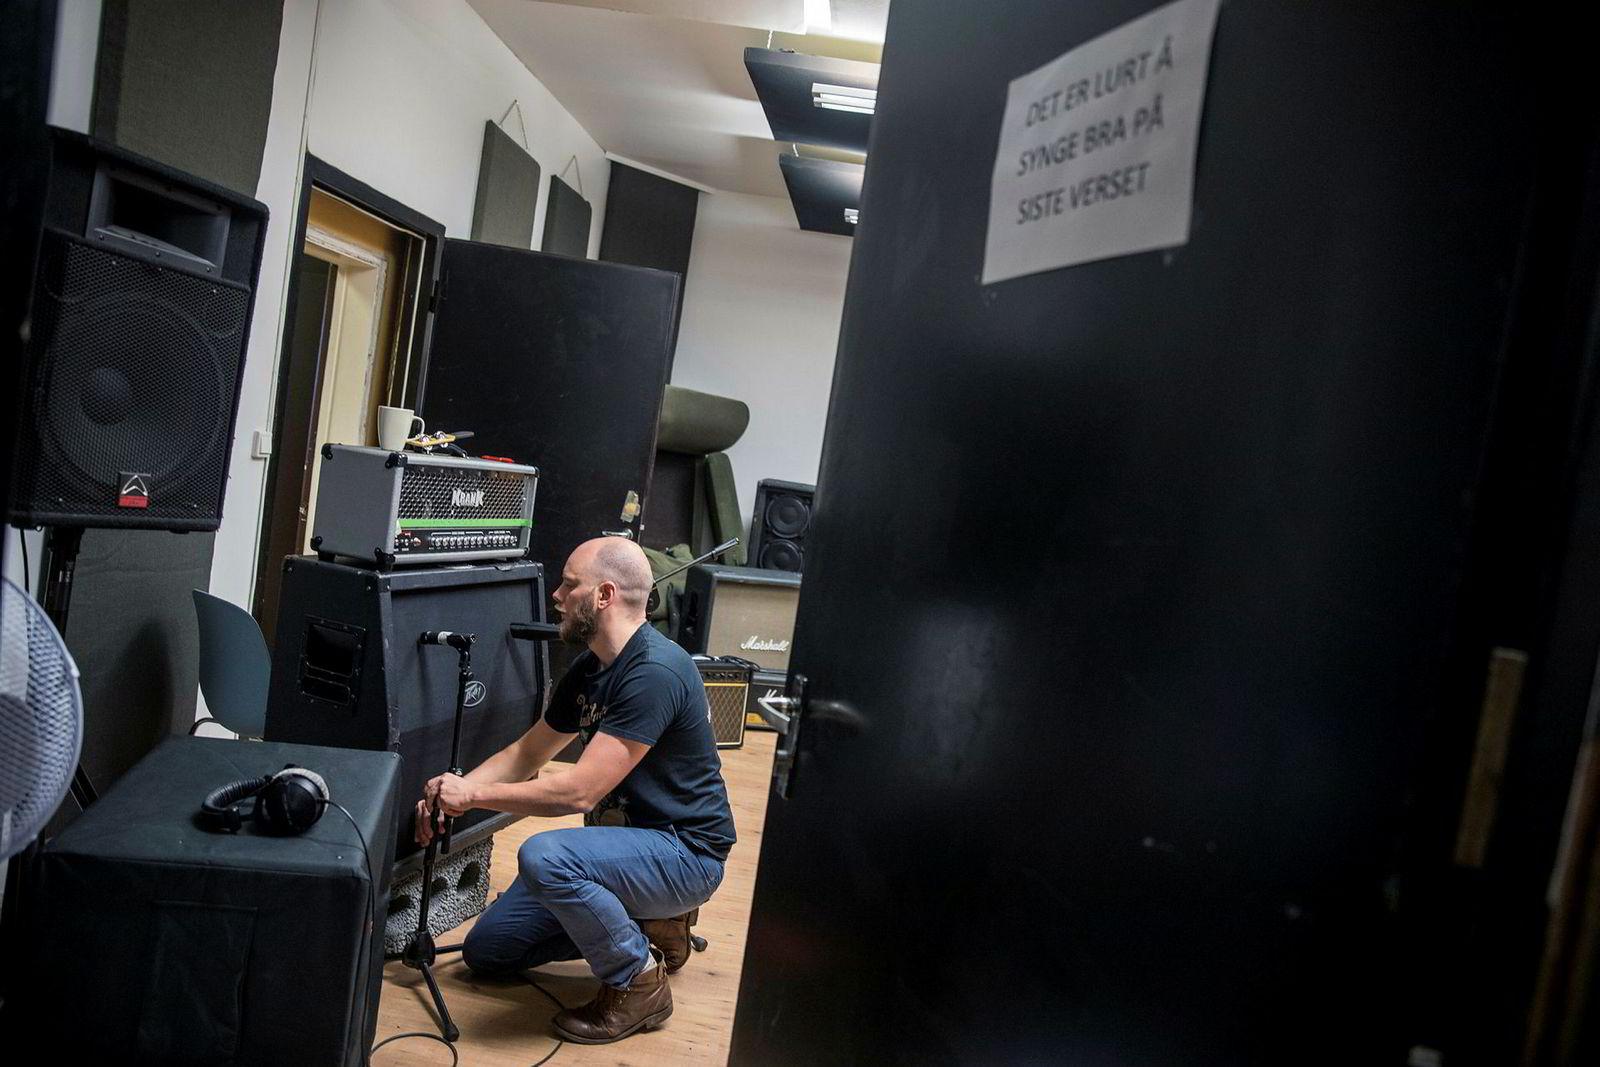 Daglig leder Bjørnar Erevik Nilsen mikker opp en høyttaler i det tilhørende platestudioet. En lapp på døren minner om at det er lurt å synge bra på siste verset.